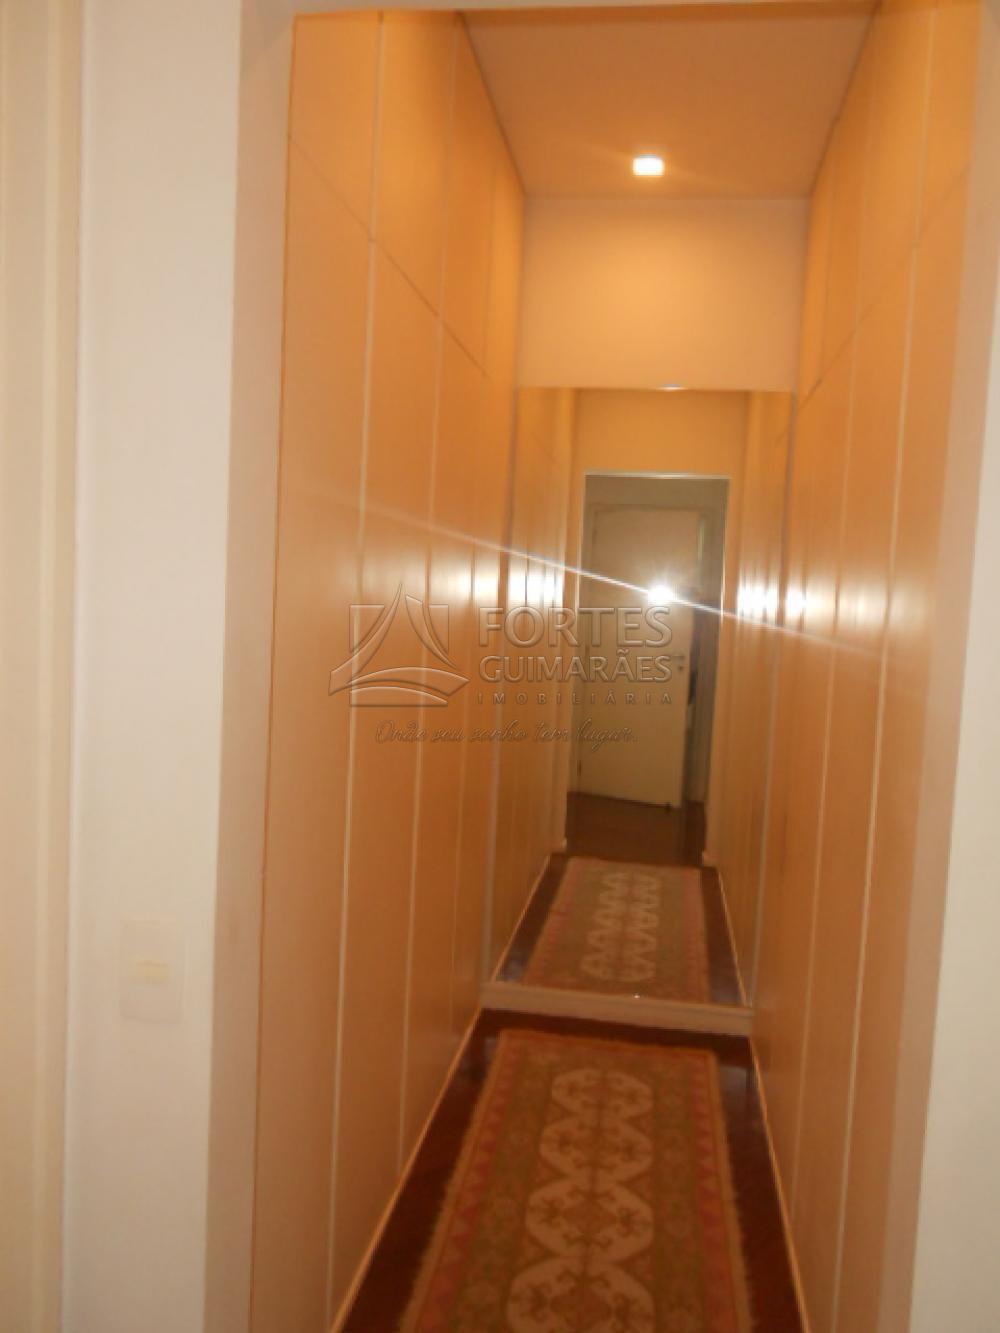 Alugar Apartamentos / Padrão em Ribeirão Preto apenas R$ 3.800,00 - Foto 47